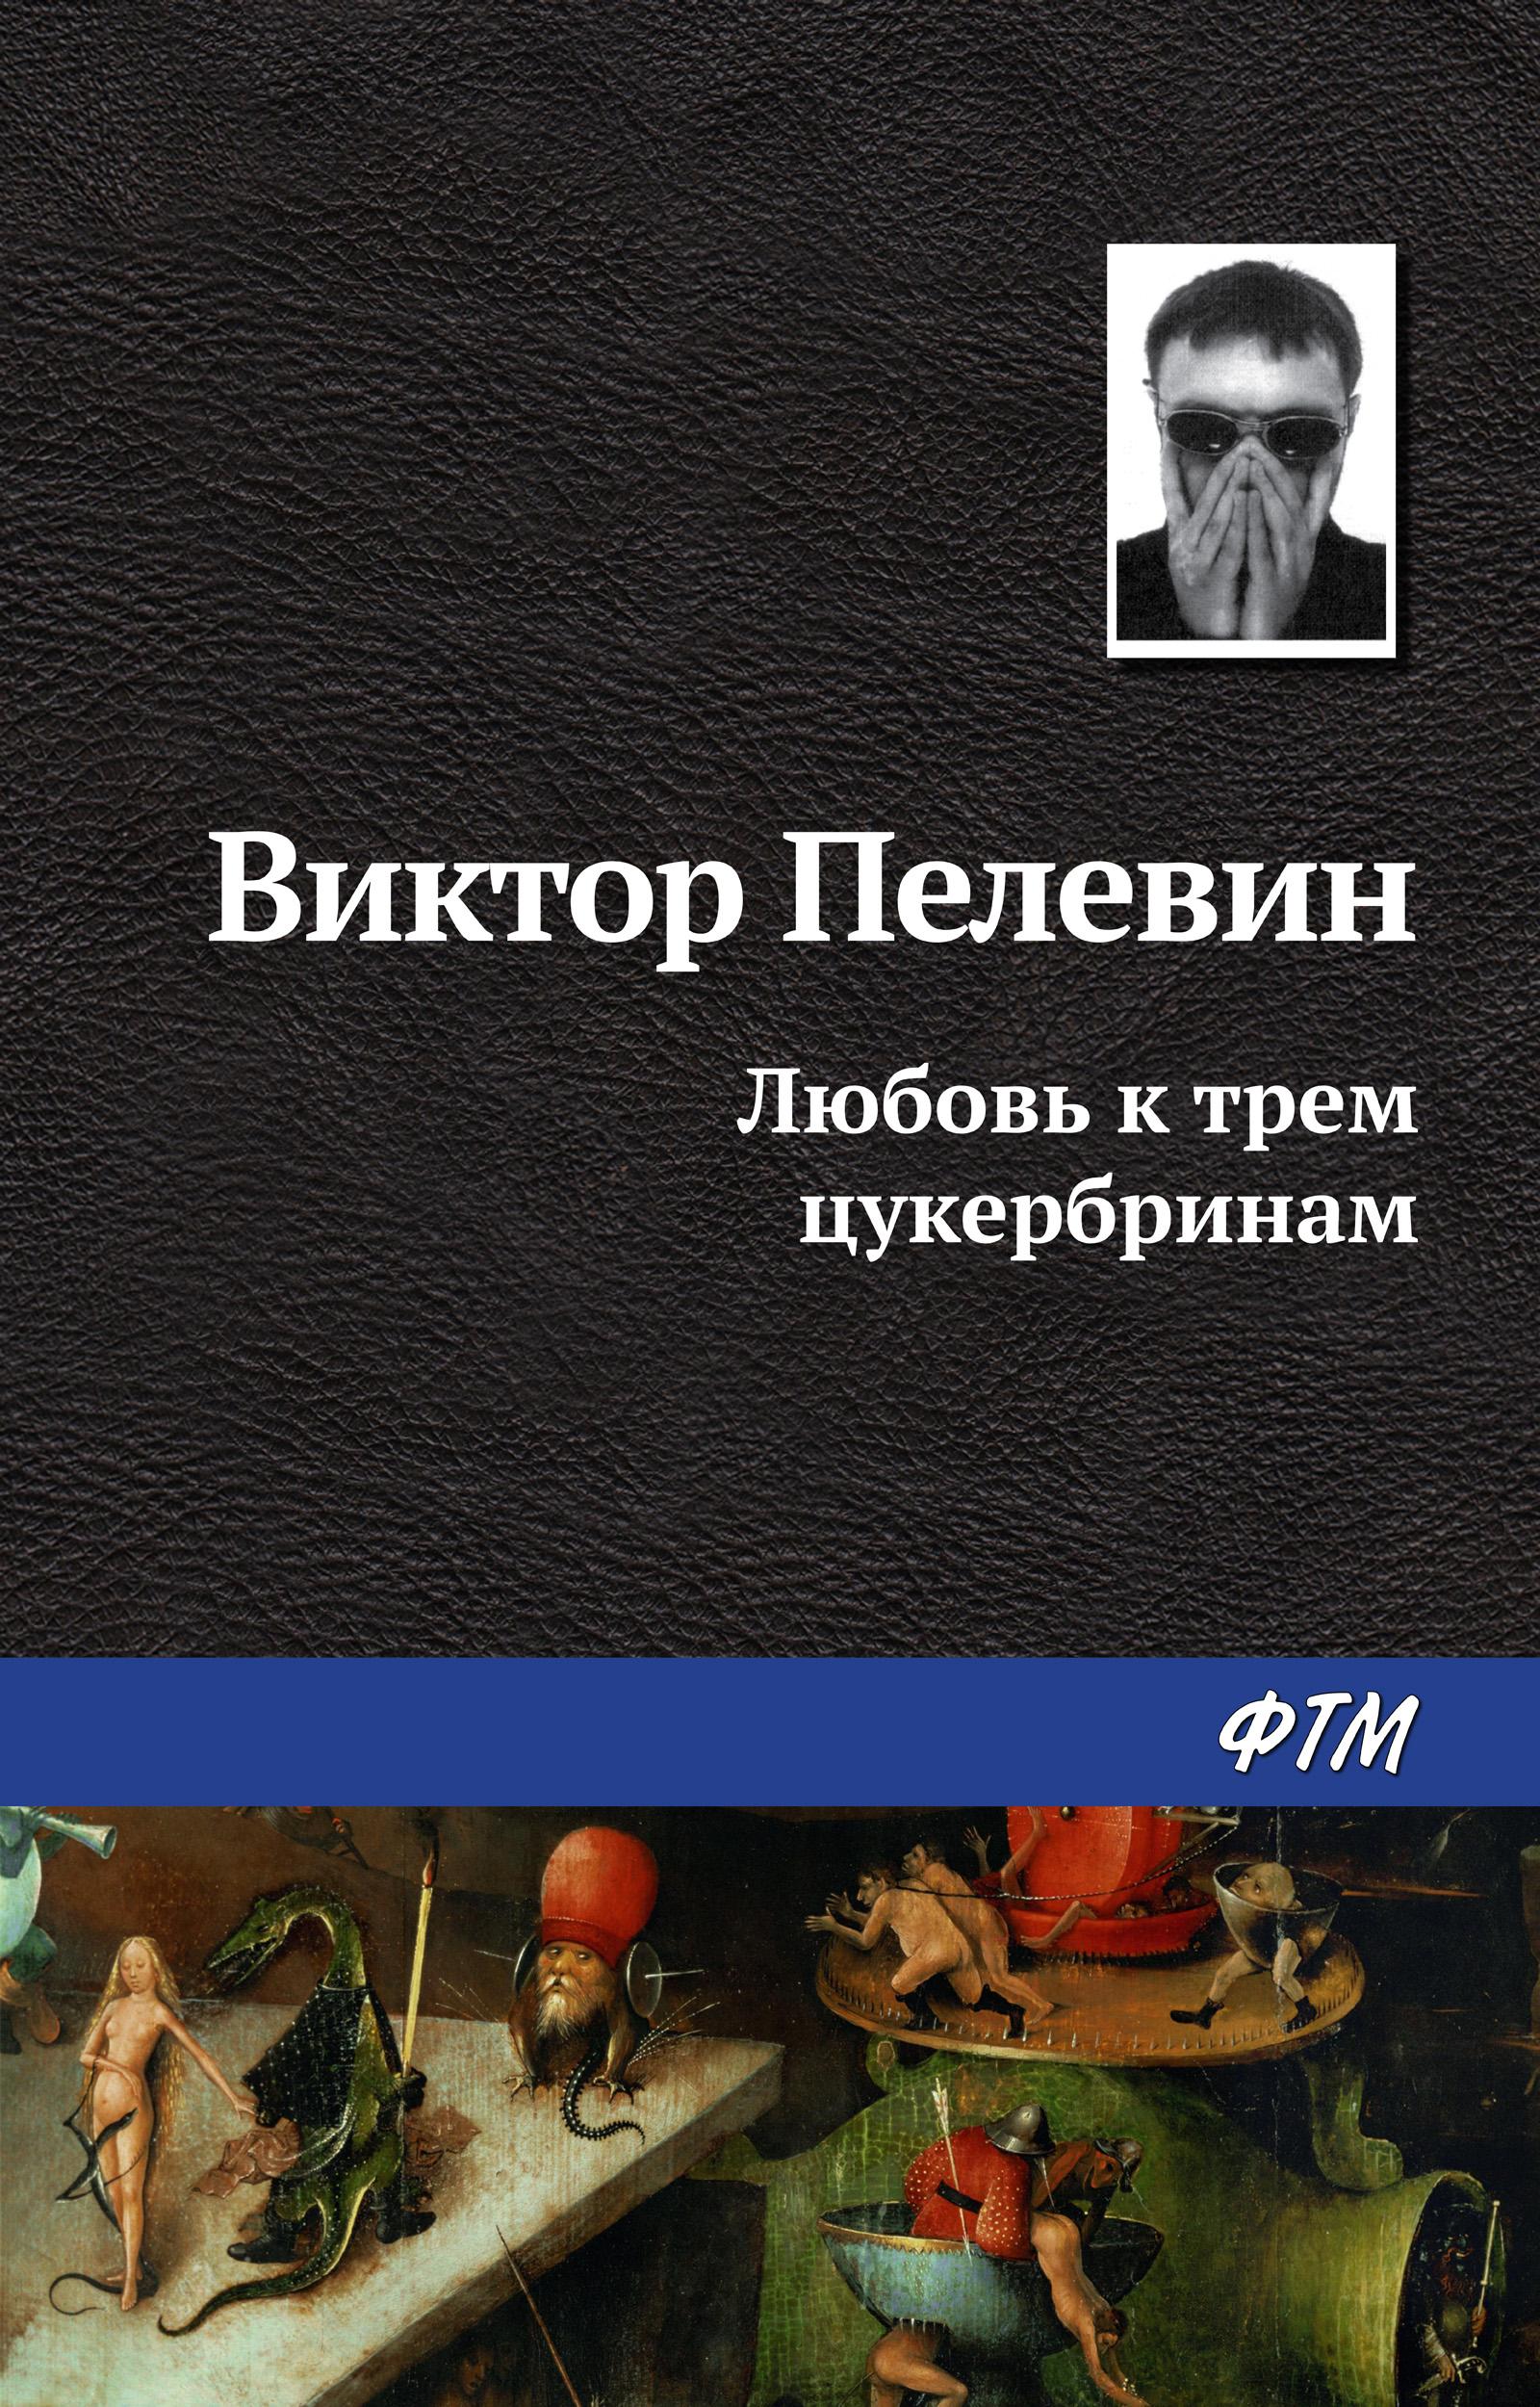 Виктор Пелевин. Любовь к трем цукербринам